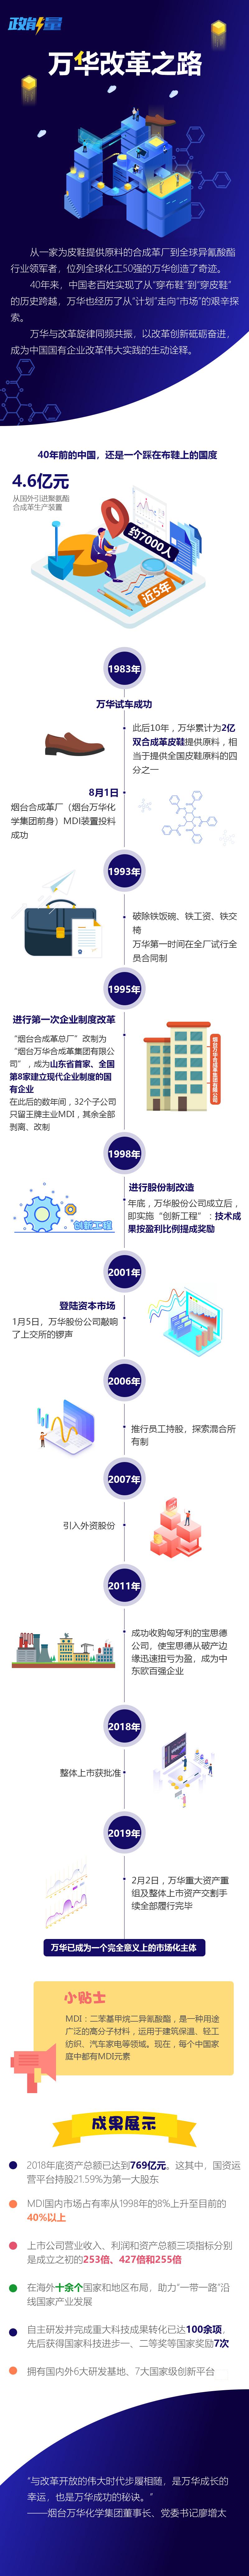 万华改革之路.jpg